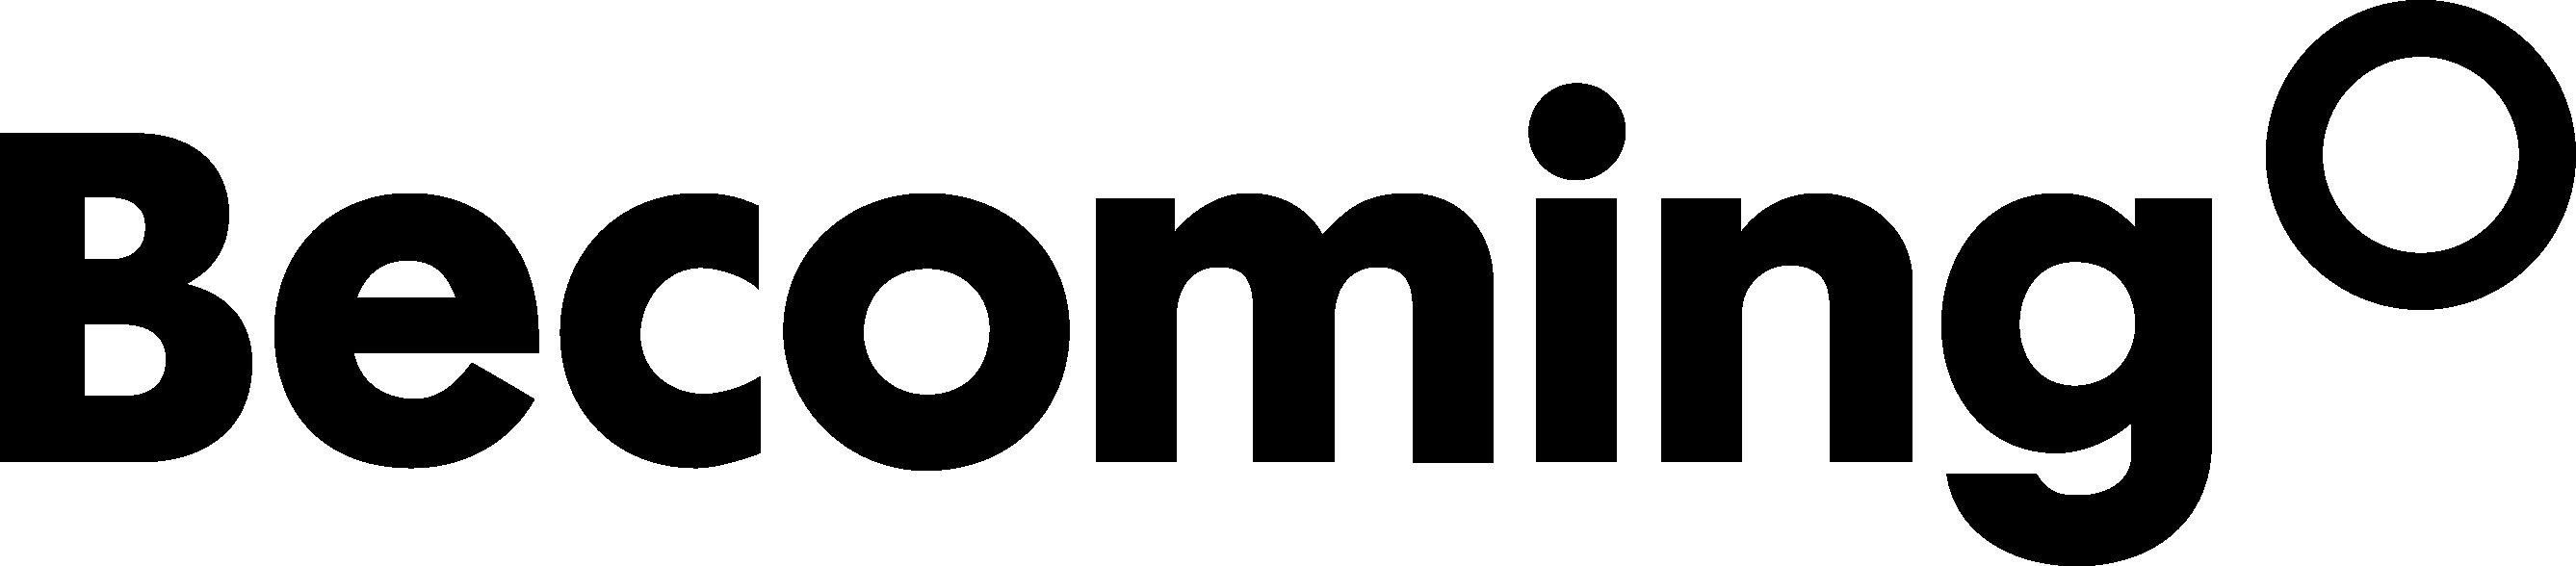 Becoming_logo_zwart